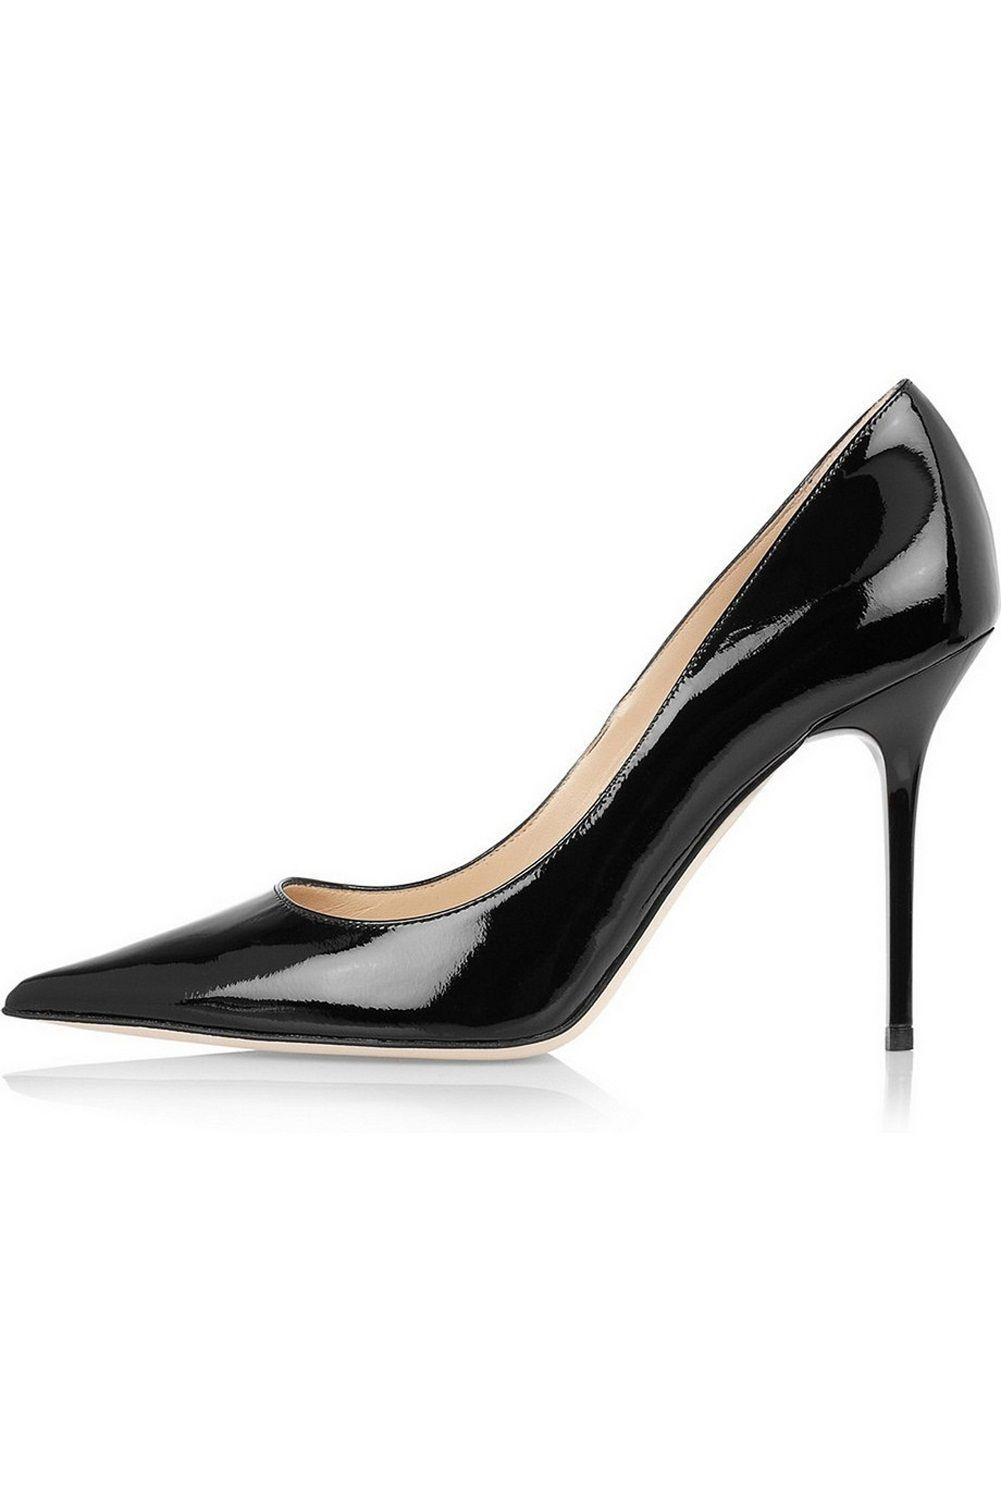 Zandina Senhoras Handmade Moda 100mm Deslizamento Em Festa Básica de Salto Alto Partido Escritório Bombas Sapatos Preta Patente